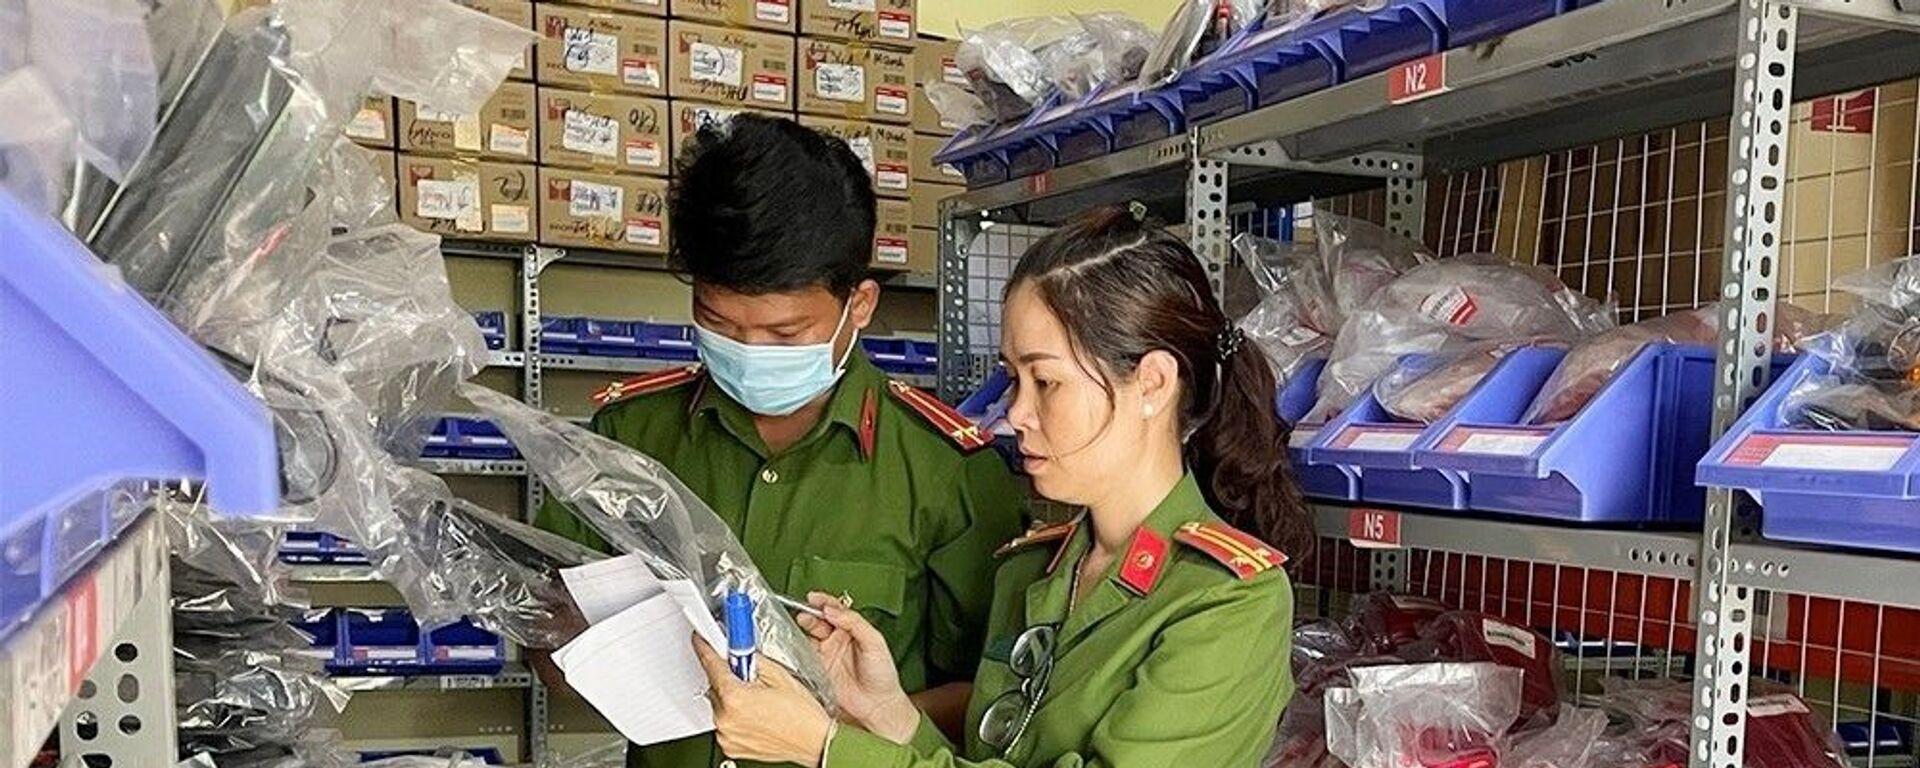 Lực lượng công an kiểm tra kho chứa hàng của Công ty TNHH thương mại và sản xuất Gia Thịnh.  - Sputnik Việt Nam, 1920, 11.03.2021